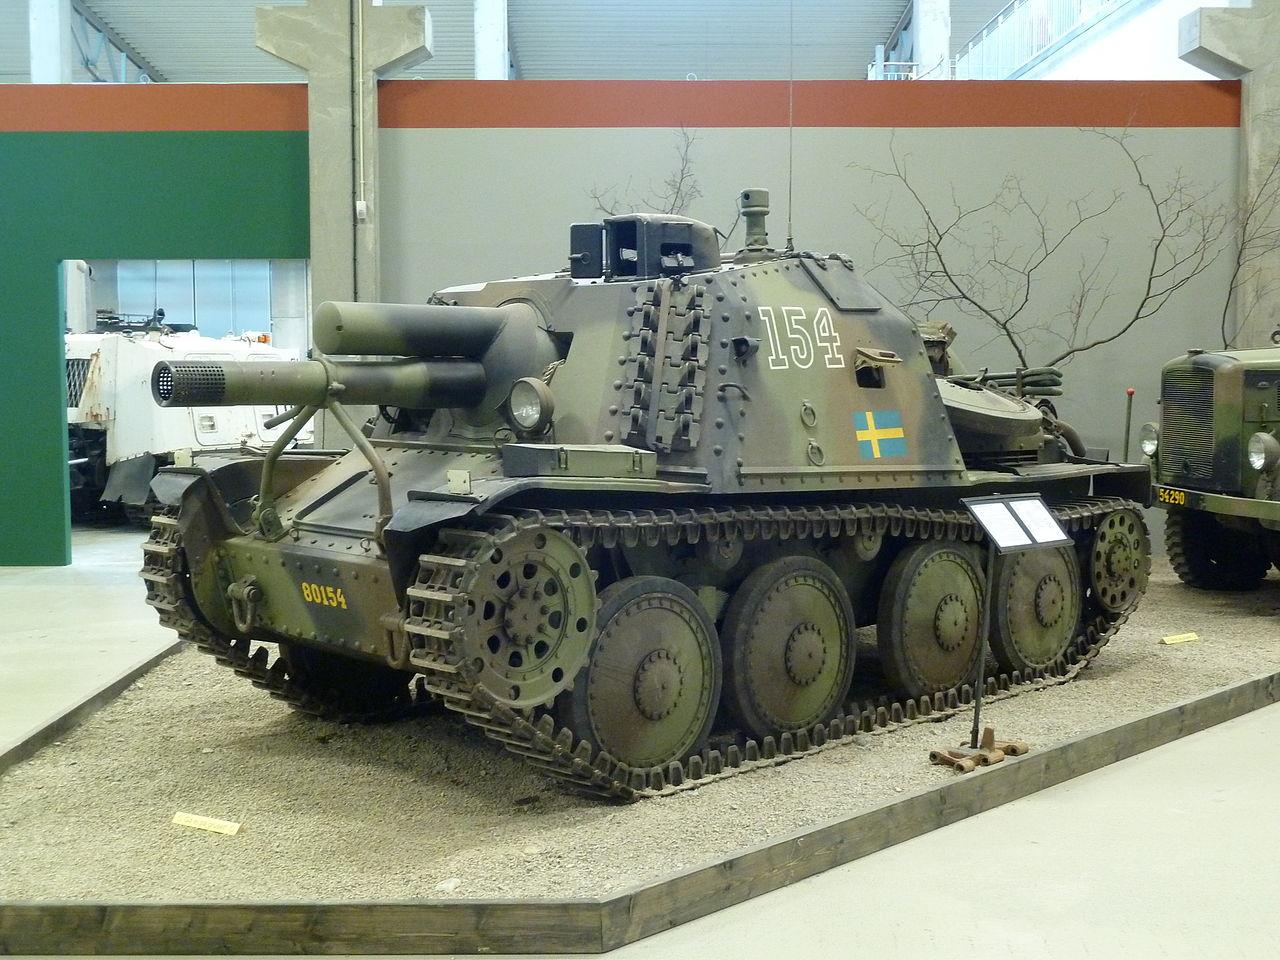 Stormartillerivagn_m43_history1.jpeg